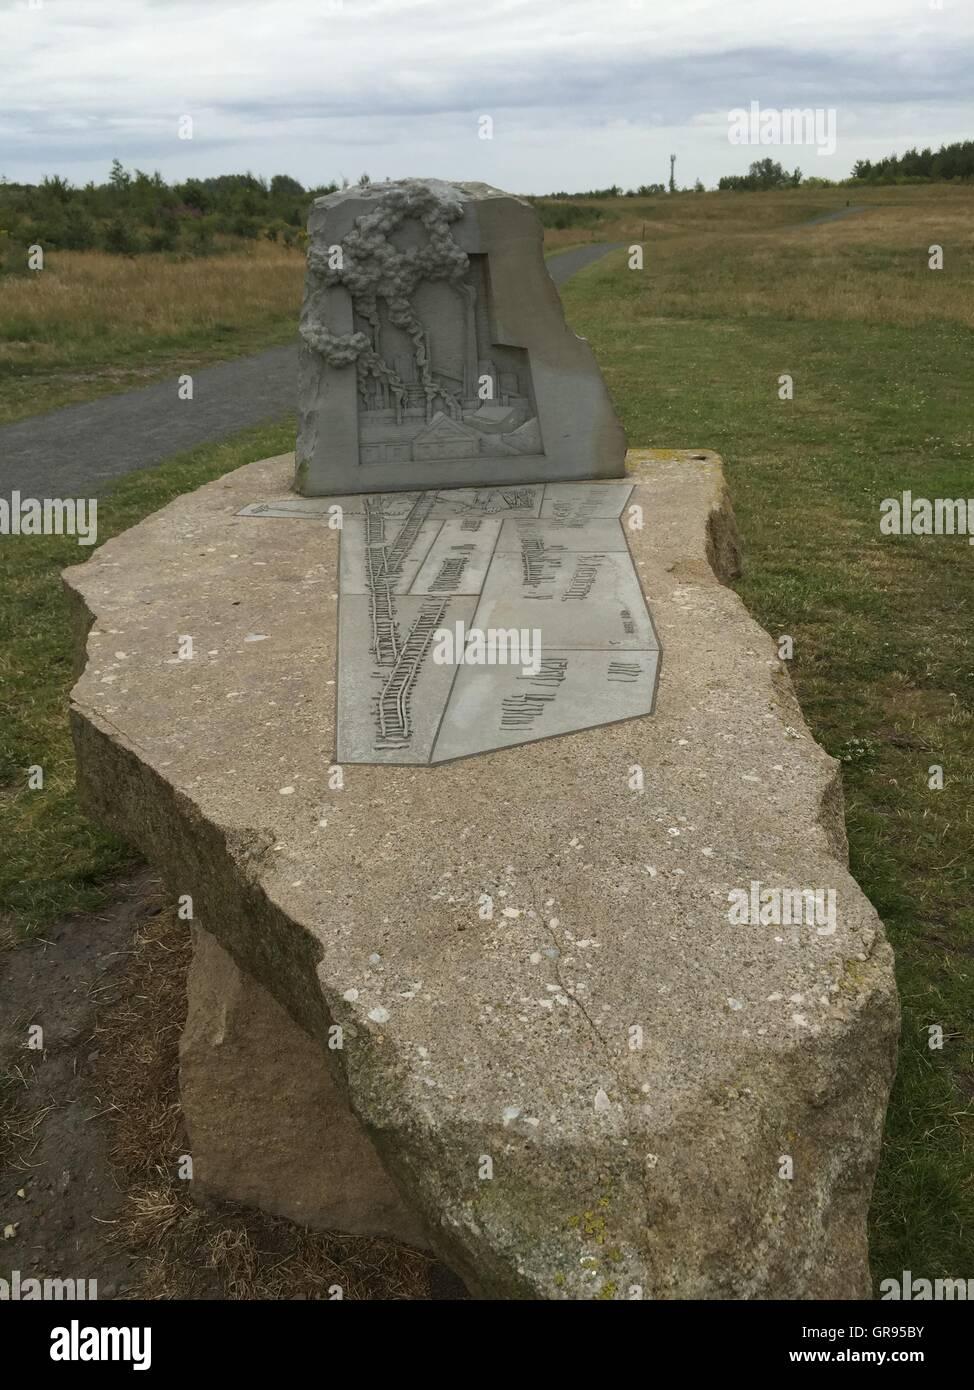 Matériaux en pierre sur terrain par la route Photo Stock